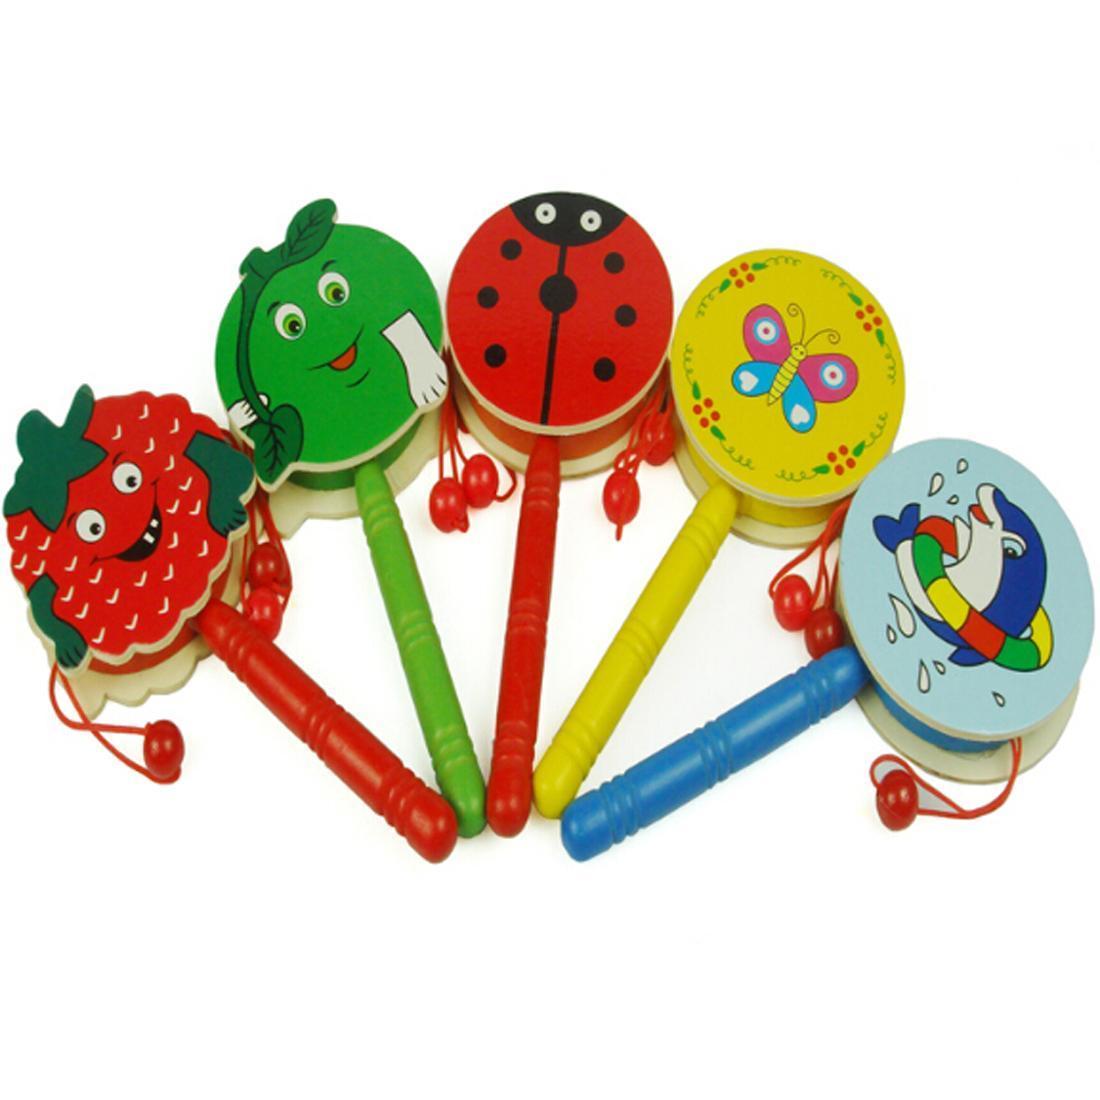 Музыкальные инструменты для детского сада своими руками